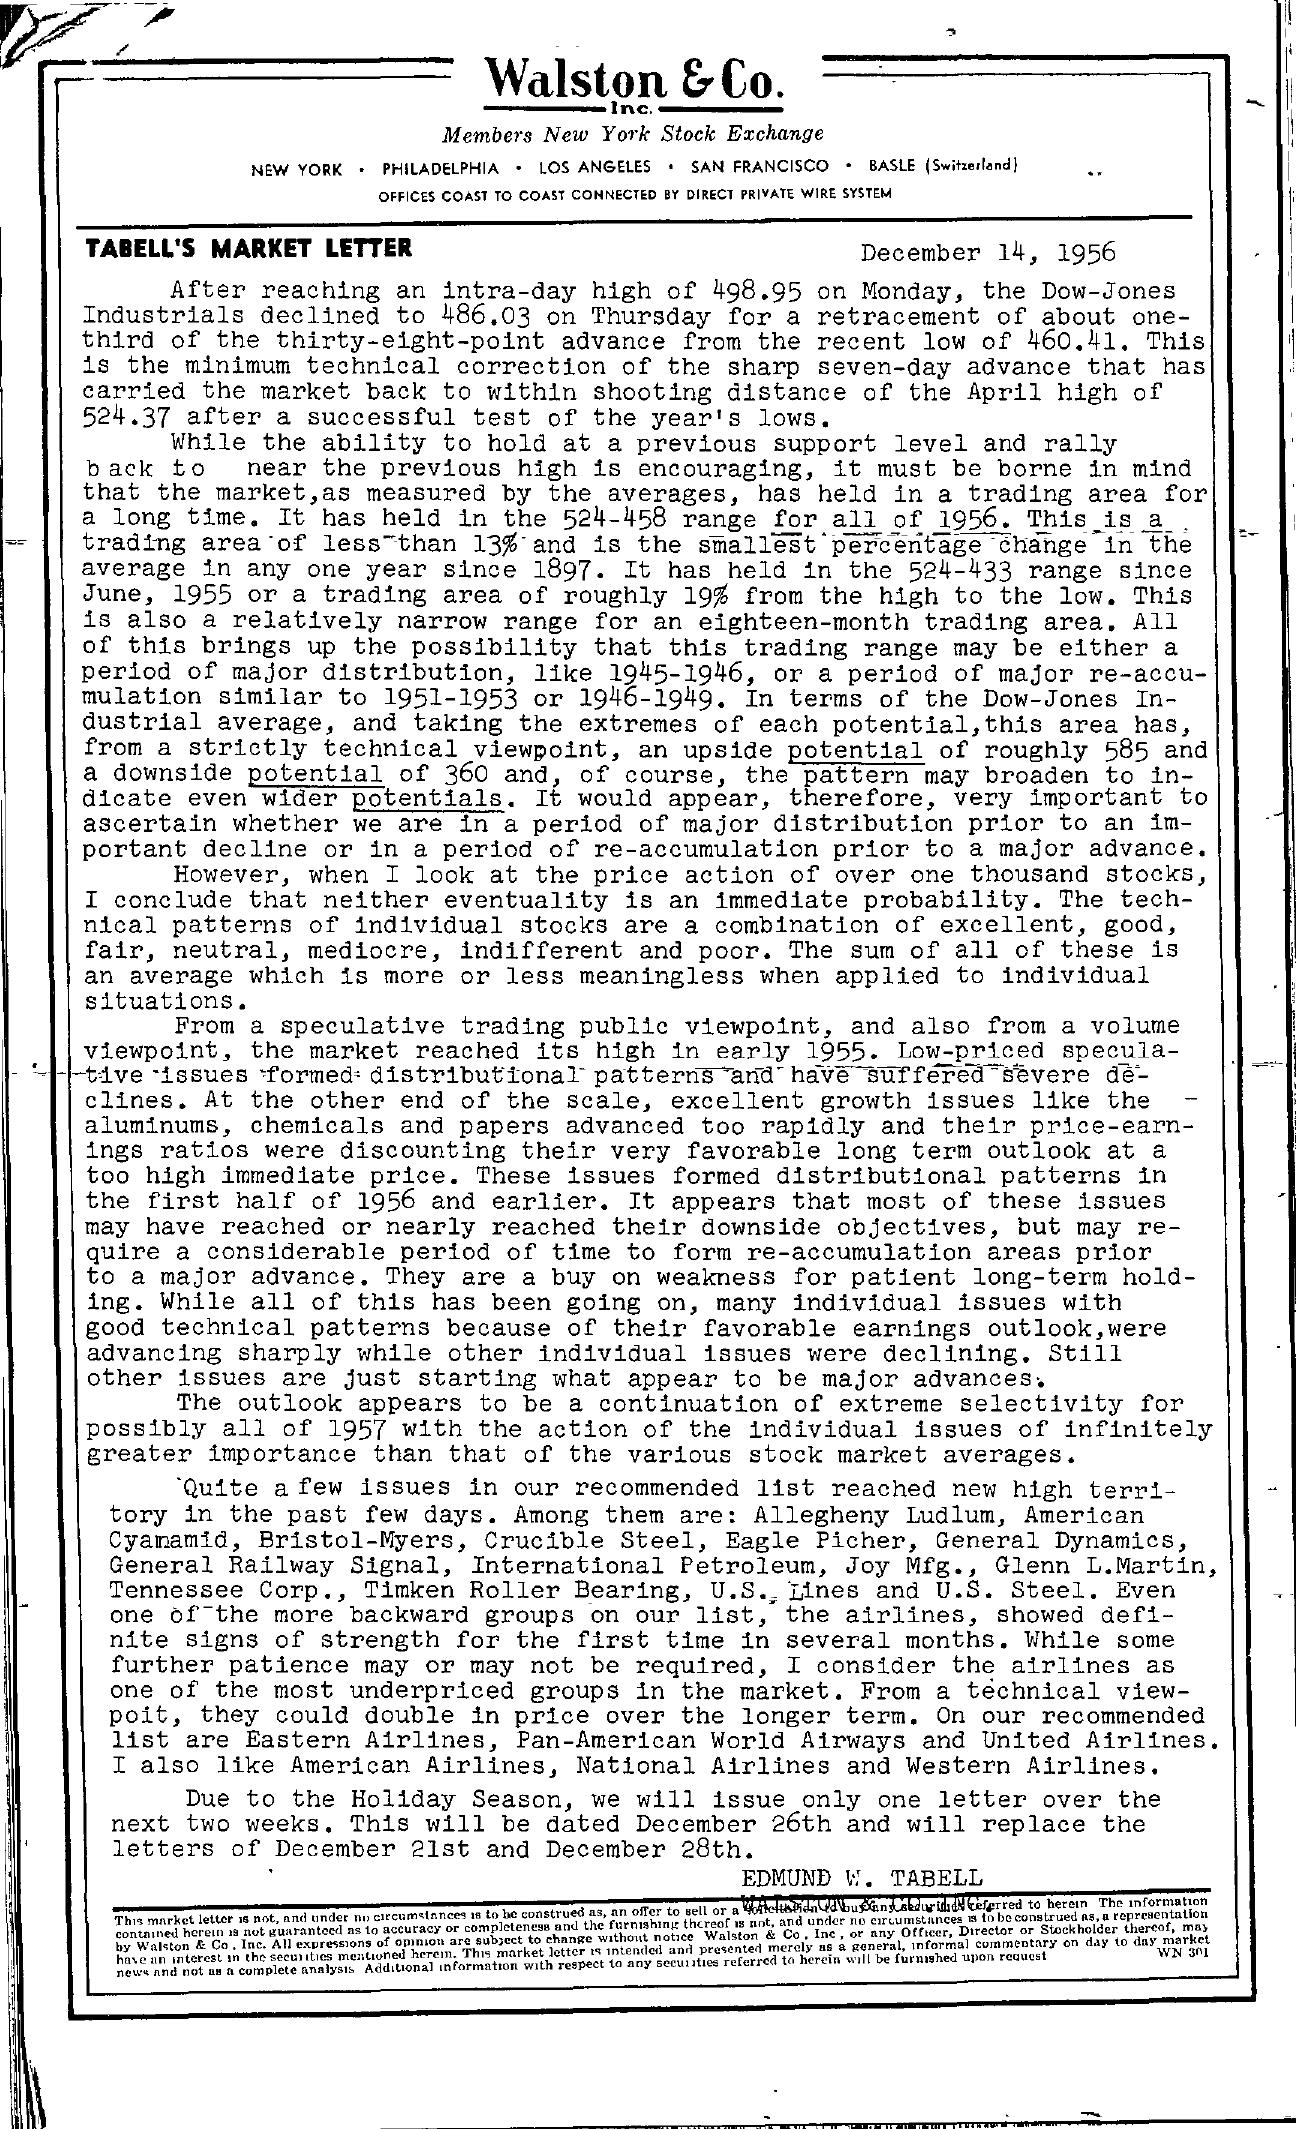 Tabell's Market Letter - December 14, 1956